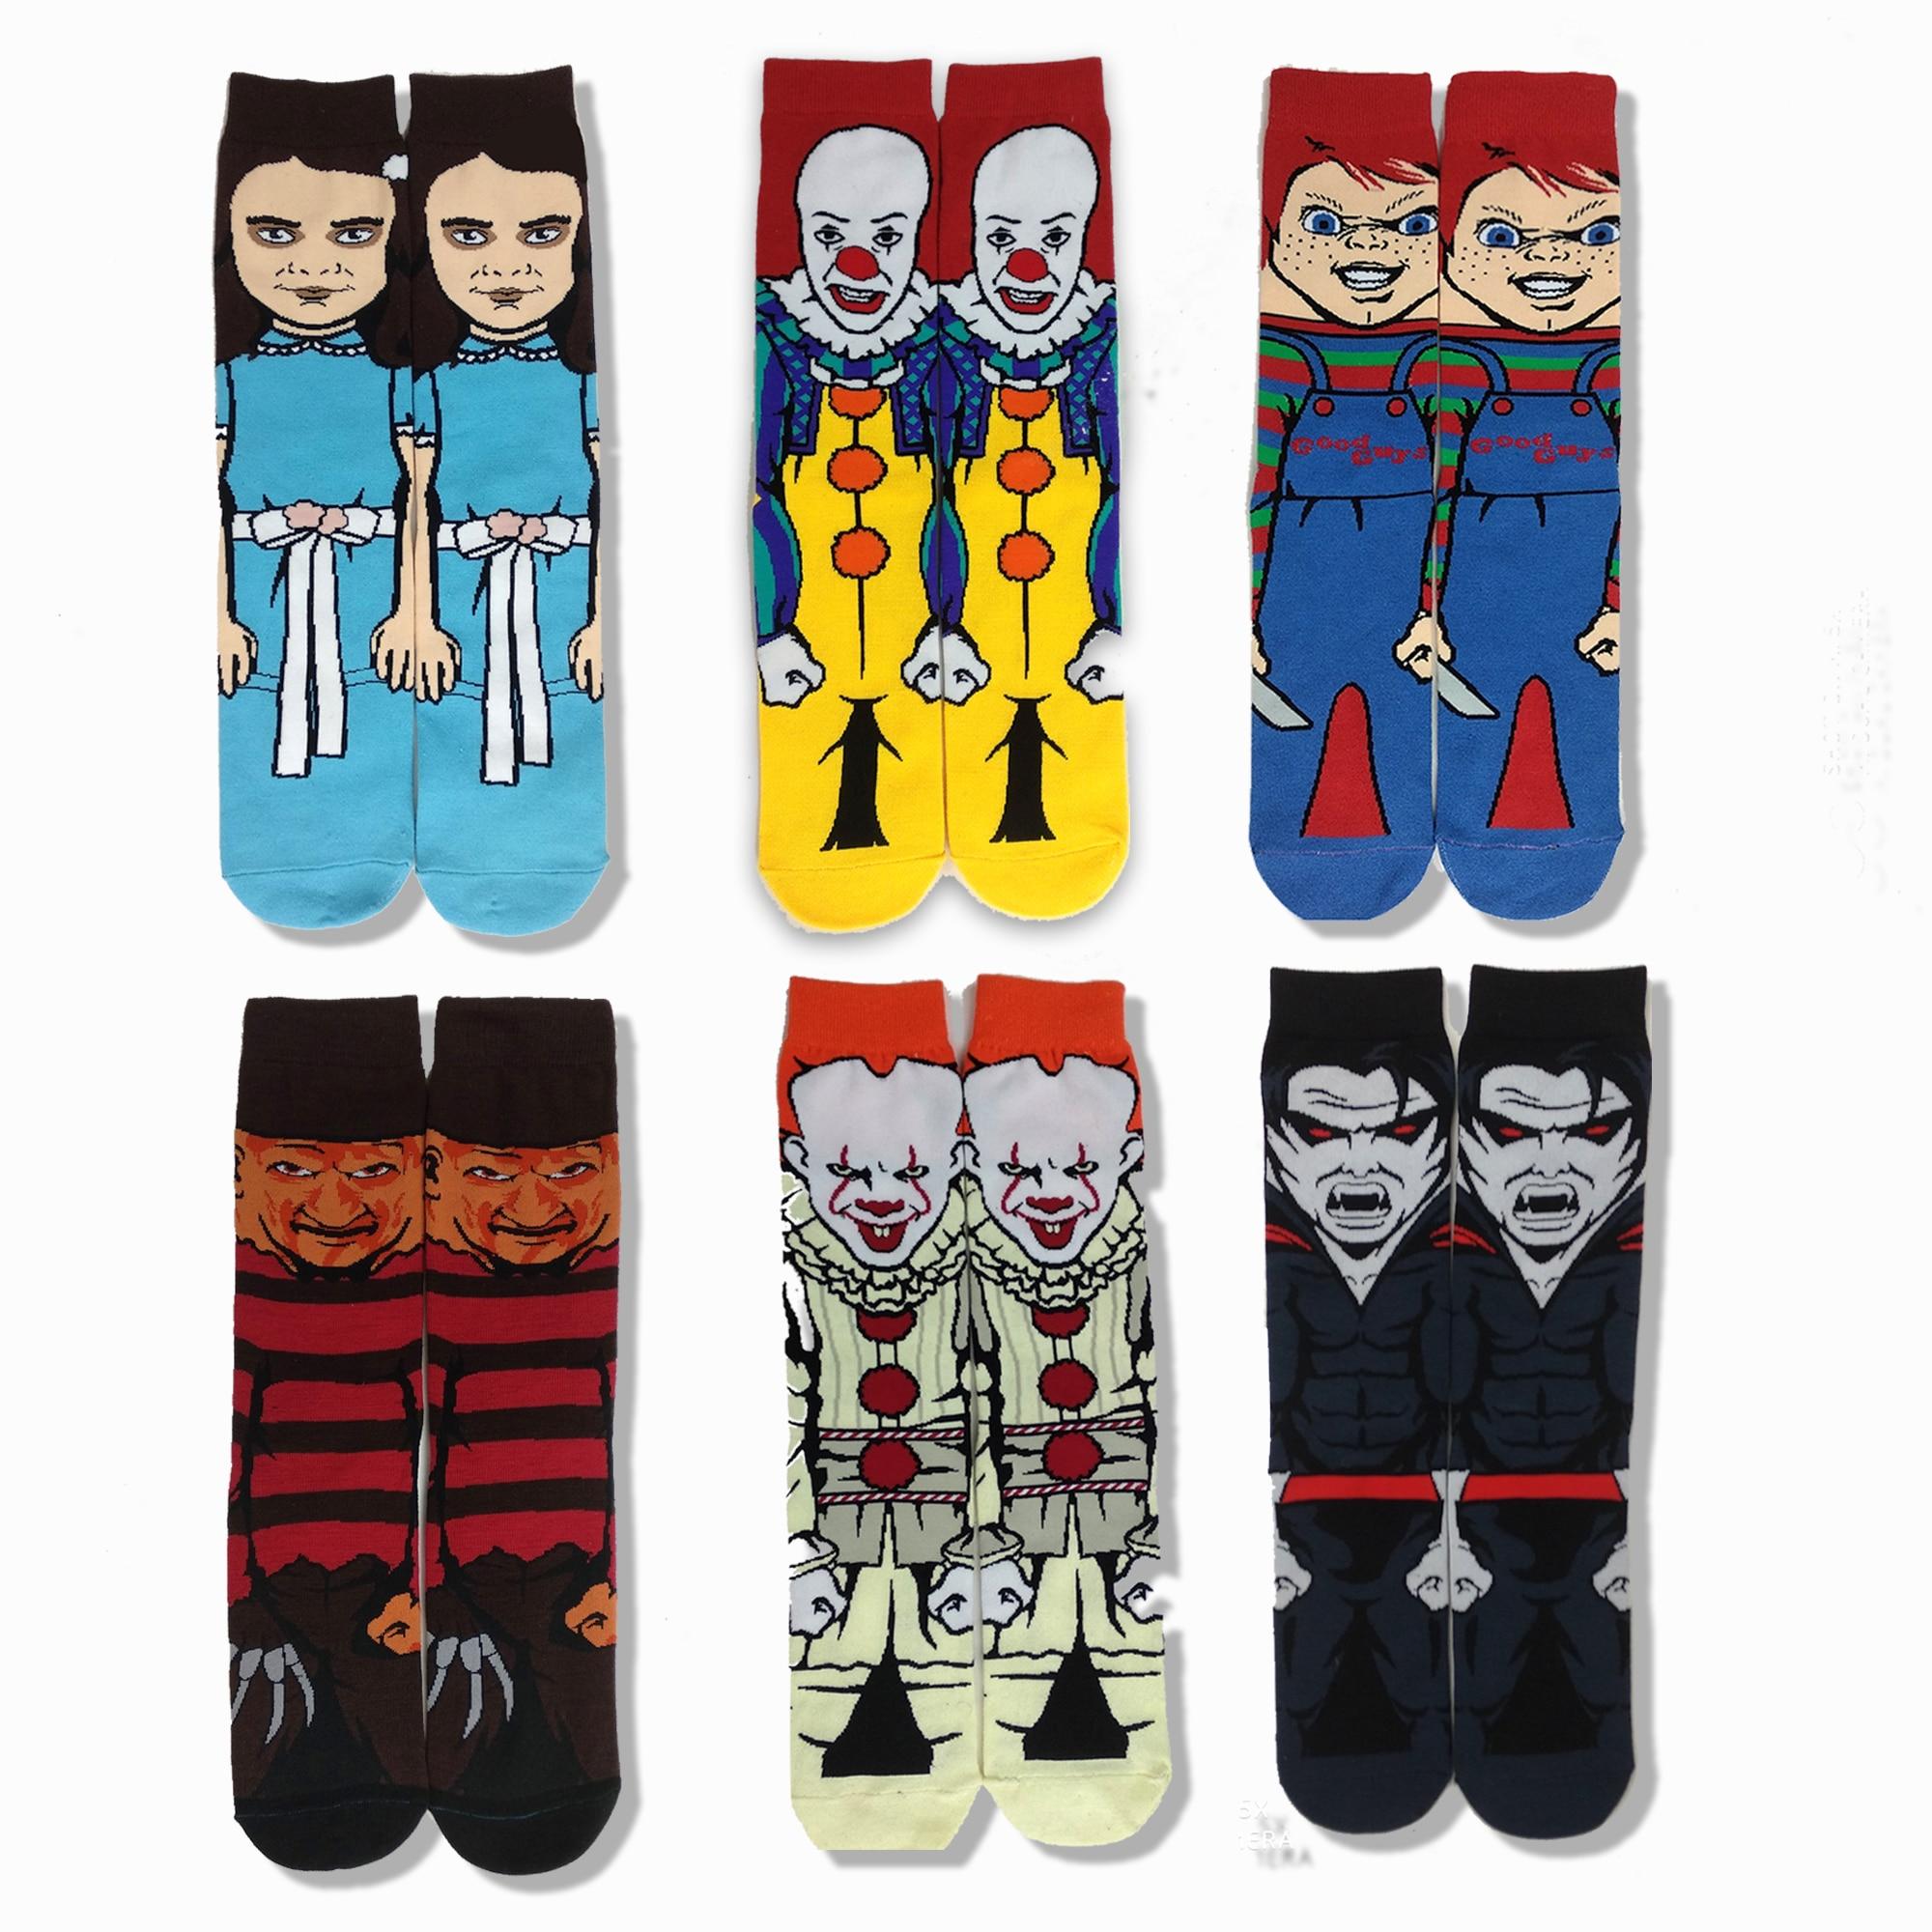 Horror Movie Character Print Crzay Socks Funny Cartoon Novelty Socks Cotton Street Style Thin Summer Dress Novetly Horror Socks